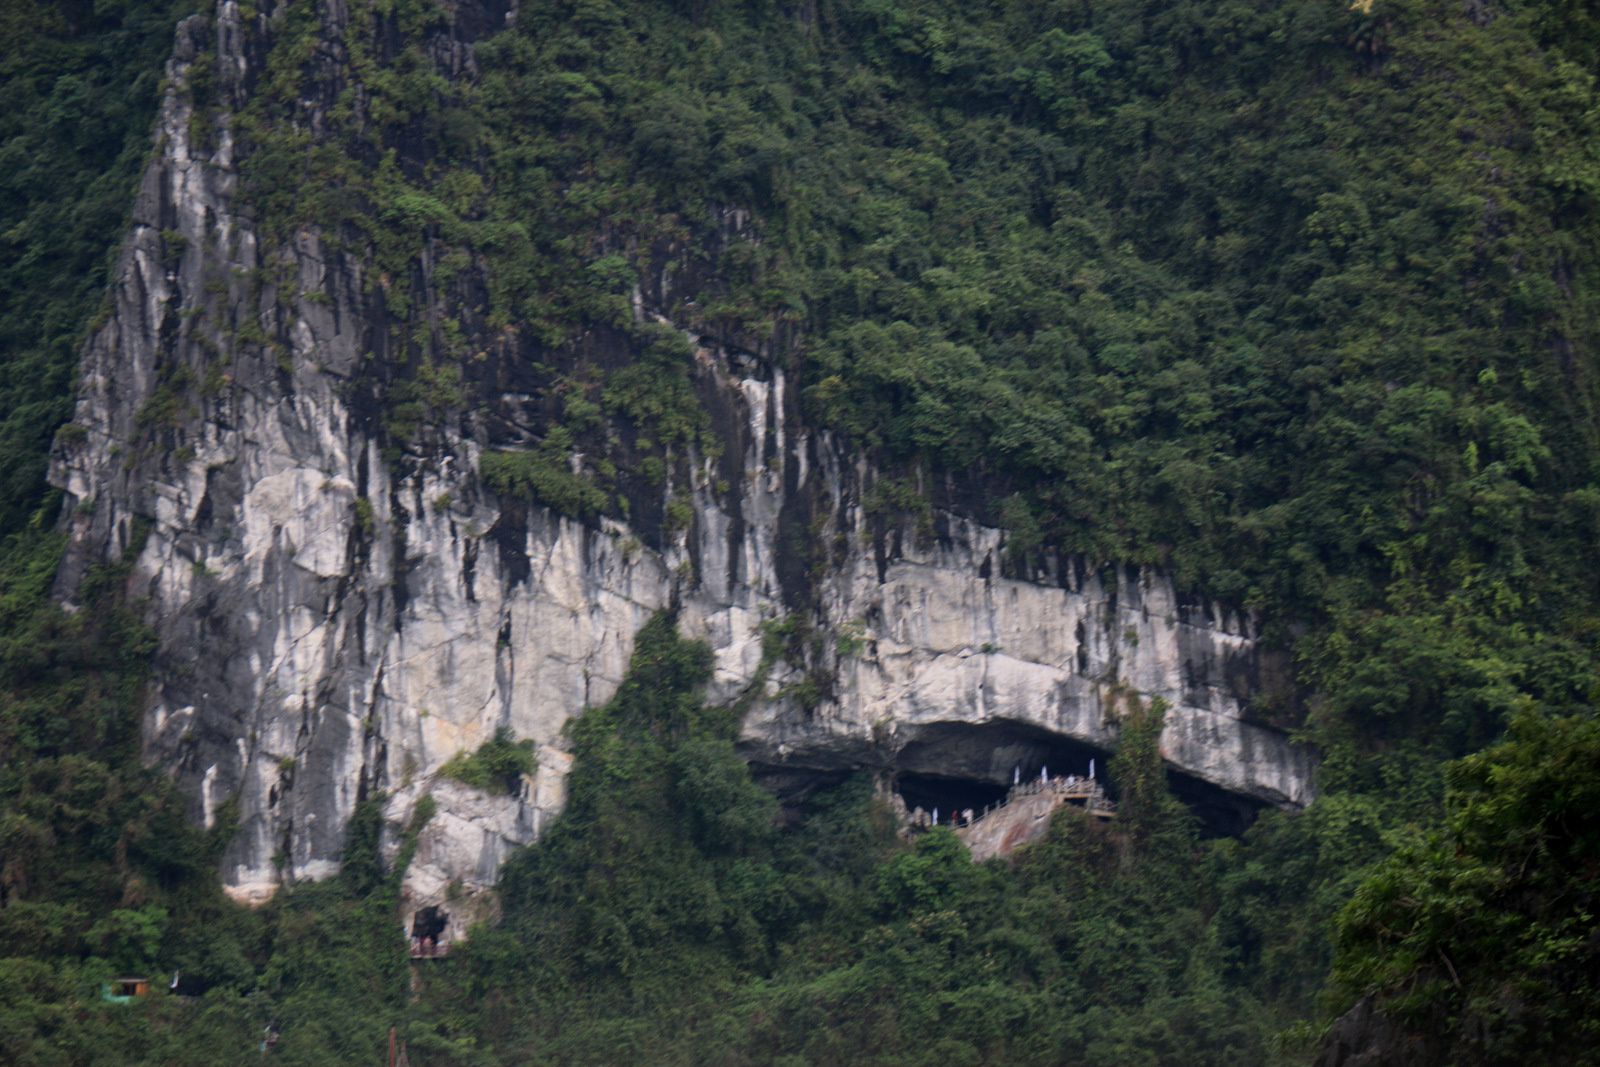 La grotte de Sửng Sốt (1/2), baie d'Halong au Vietnam